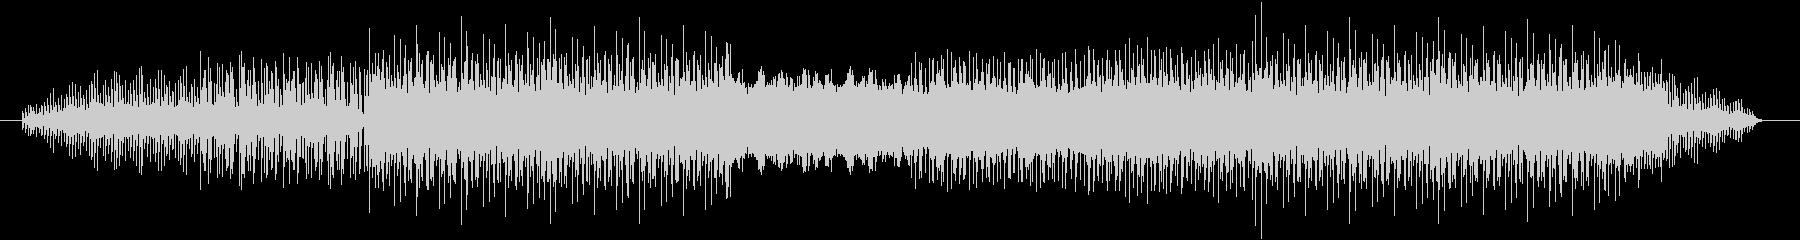 フィールド(森)をイメージして制作した…の未再生の波形